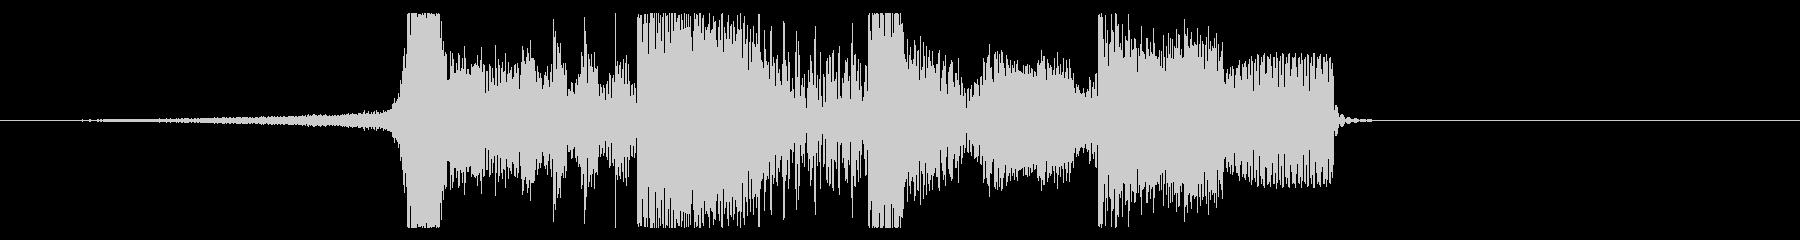 YouTube ダブステップジングル02の未再生の波形